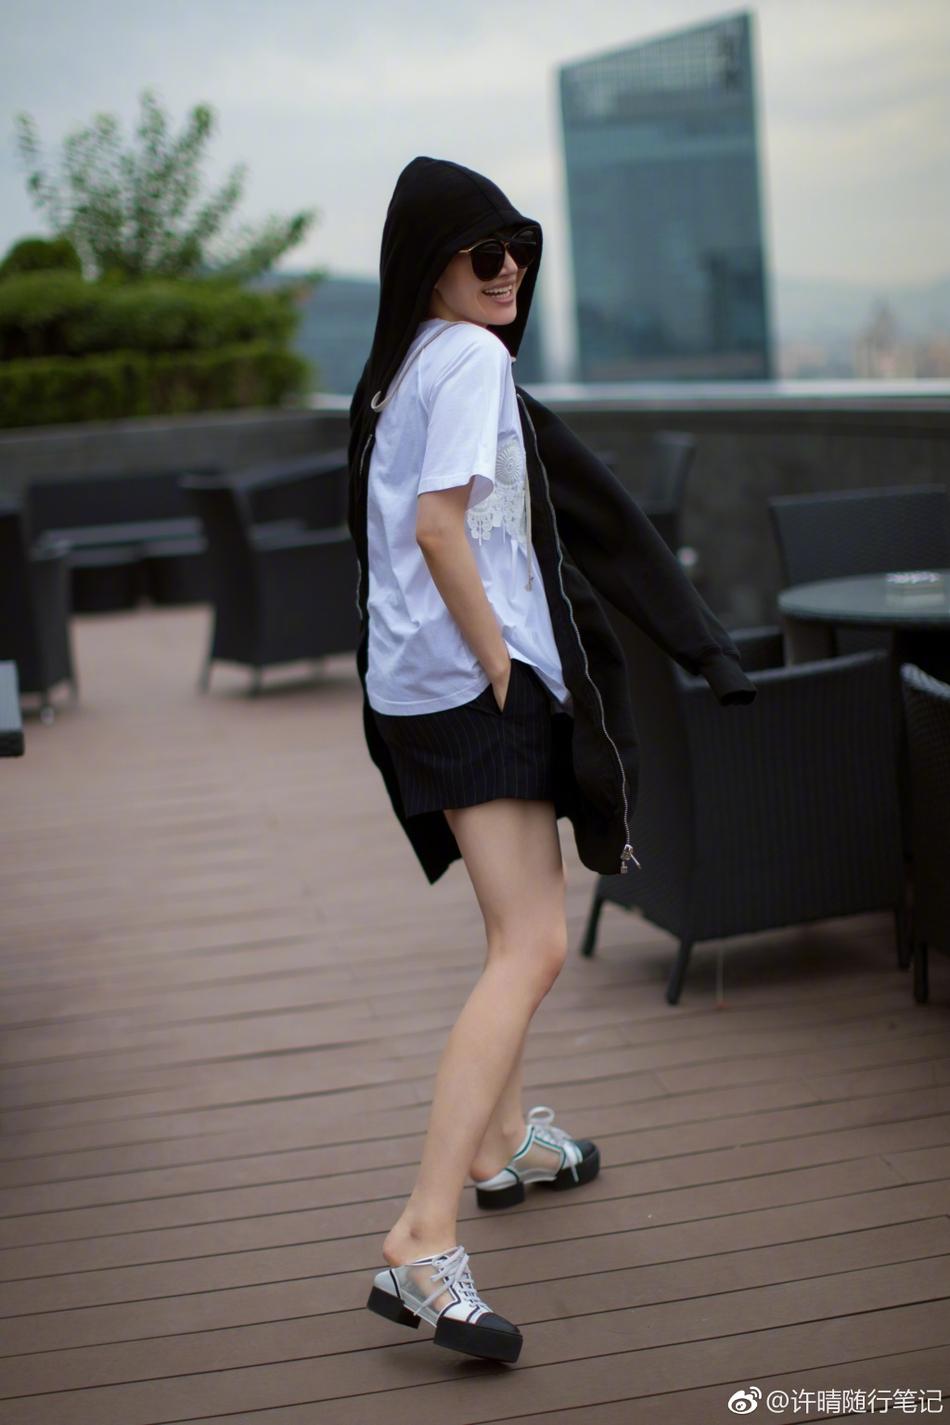 48岁许晴冻龄皮肤惹人羡 黑白装穿出少女味(图)